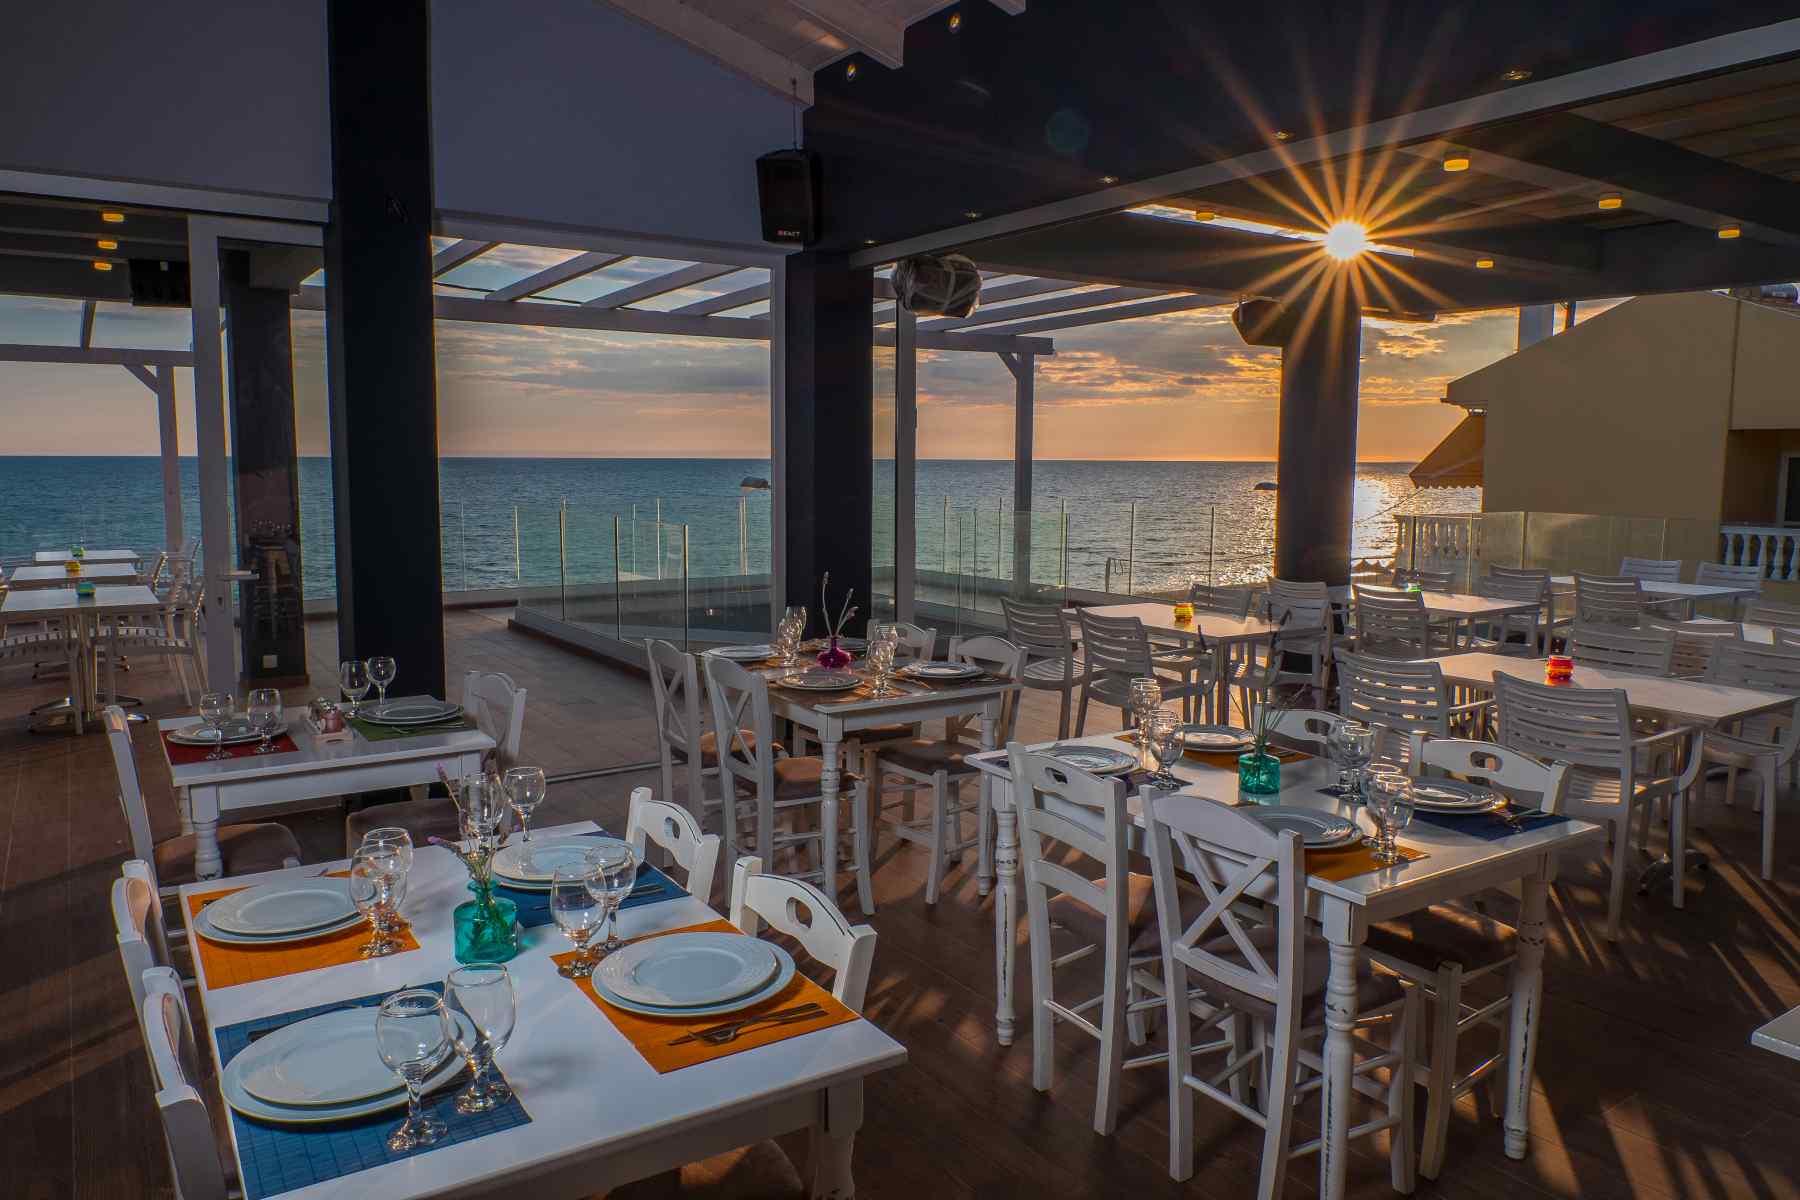 Must Boutique Hotel, Ξενοδοχείο στο Κανάλι Πρέβεζας, Μοναδικά πιάτα στο εστιατόριο